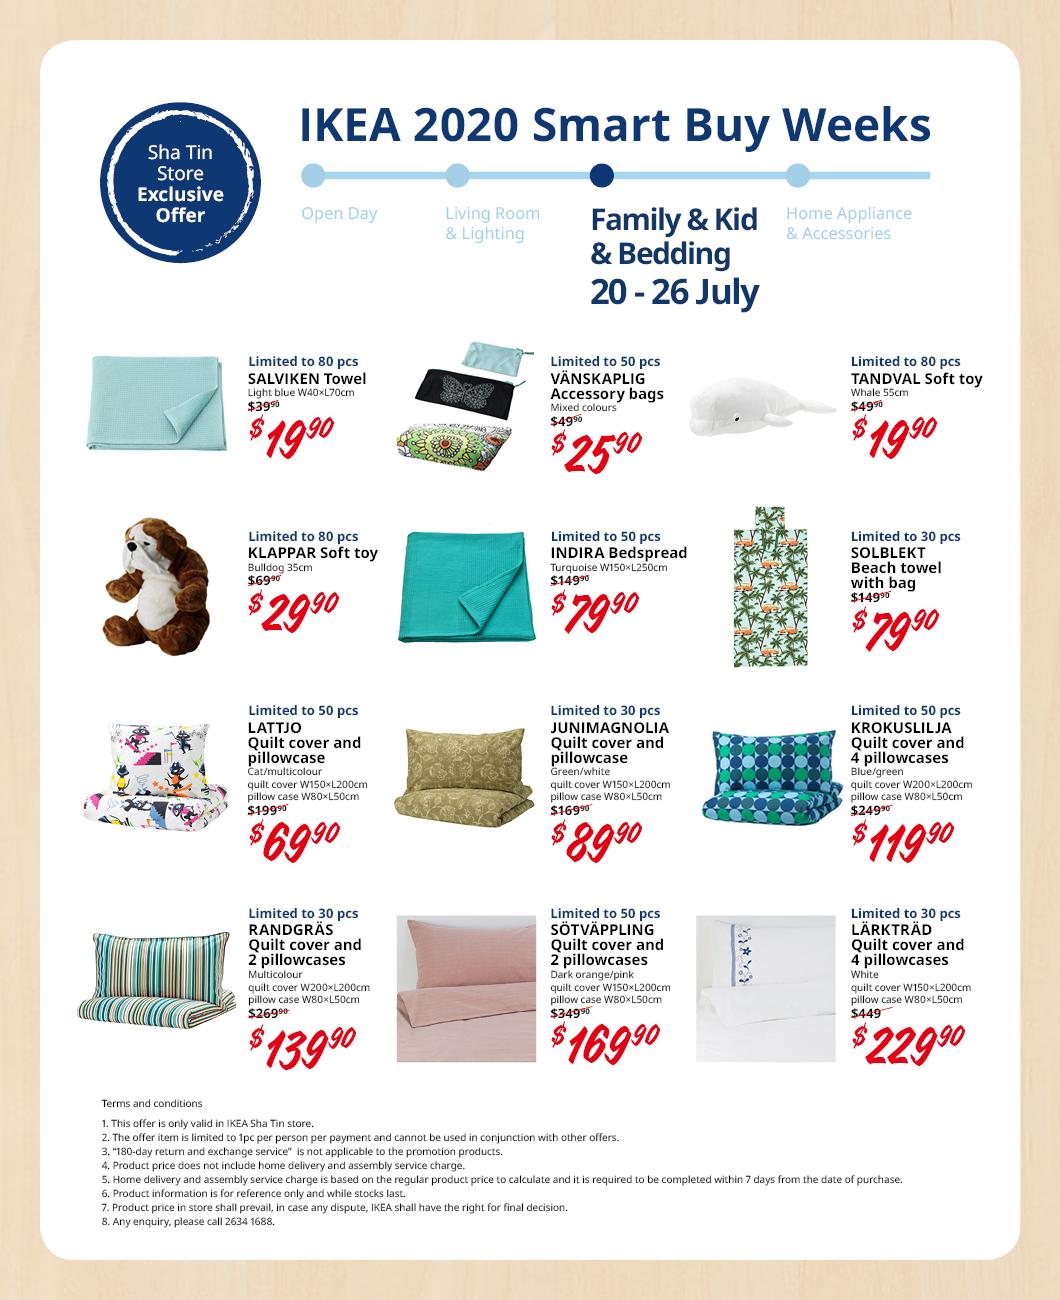 ikea-shatin-smart-buy-weeks-0720